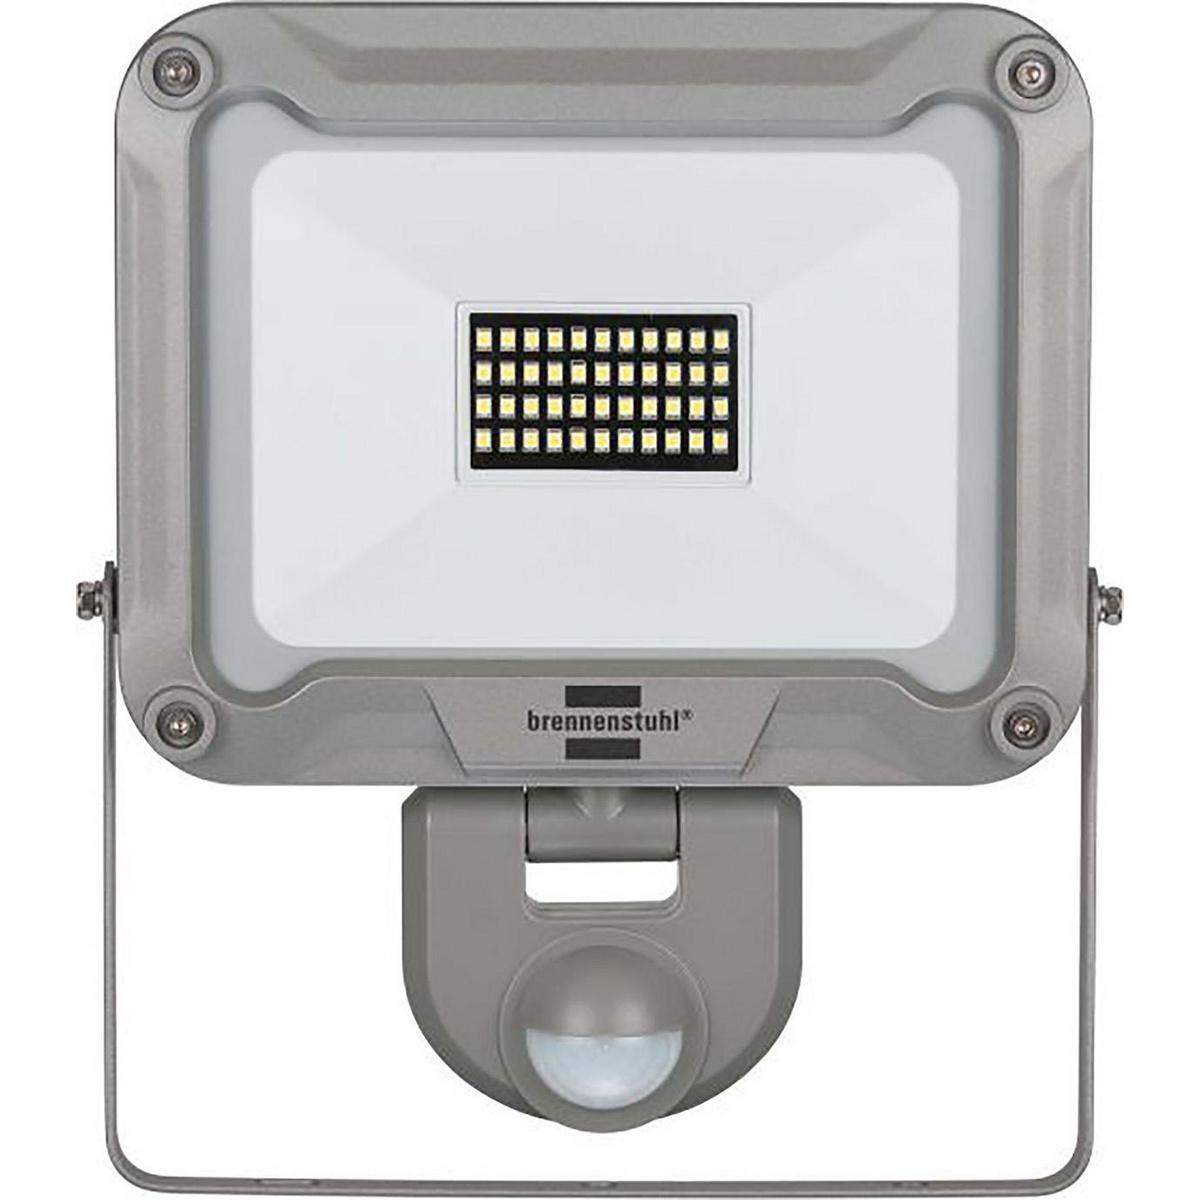 Faretto a LED sottile L DN 5630 FL PIR IP 54. Per montaggio esterno e interno, faretto a LED IP 54 con 56 LED SMS ultra luminosi Ideale per l'illuminazione automatica di ingressi, passi carrai o posti auto coperti, nonché per la deterrenza contro furto co